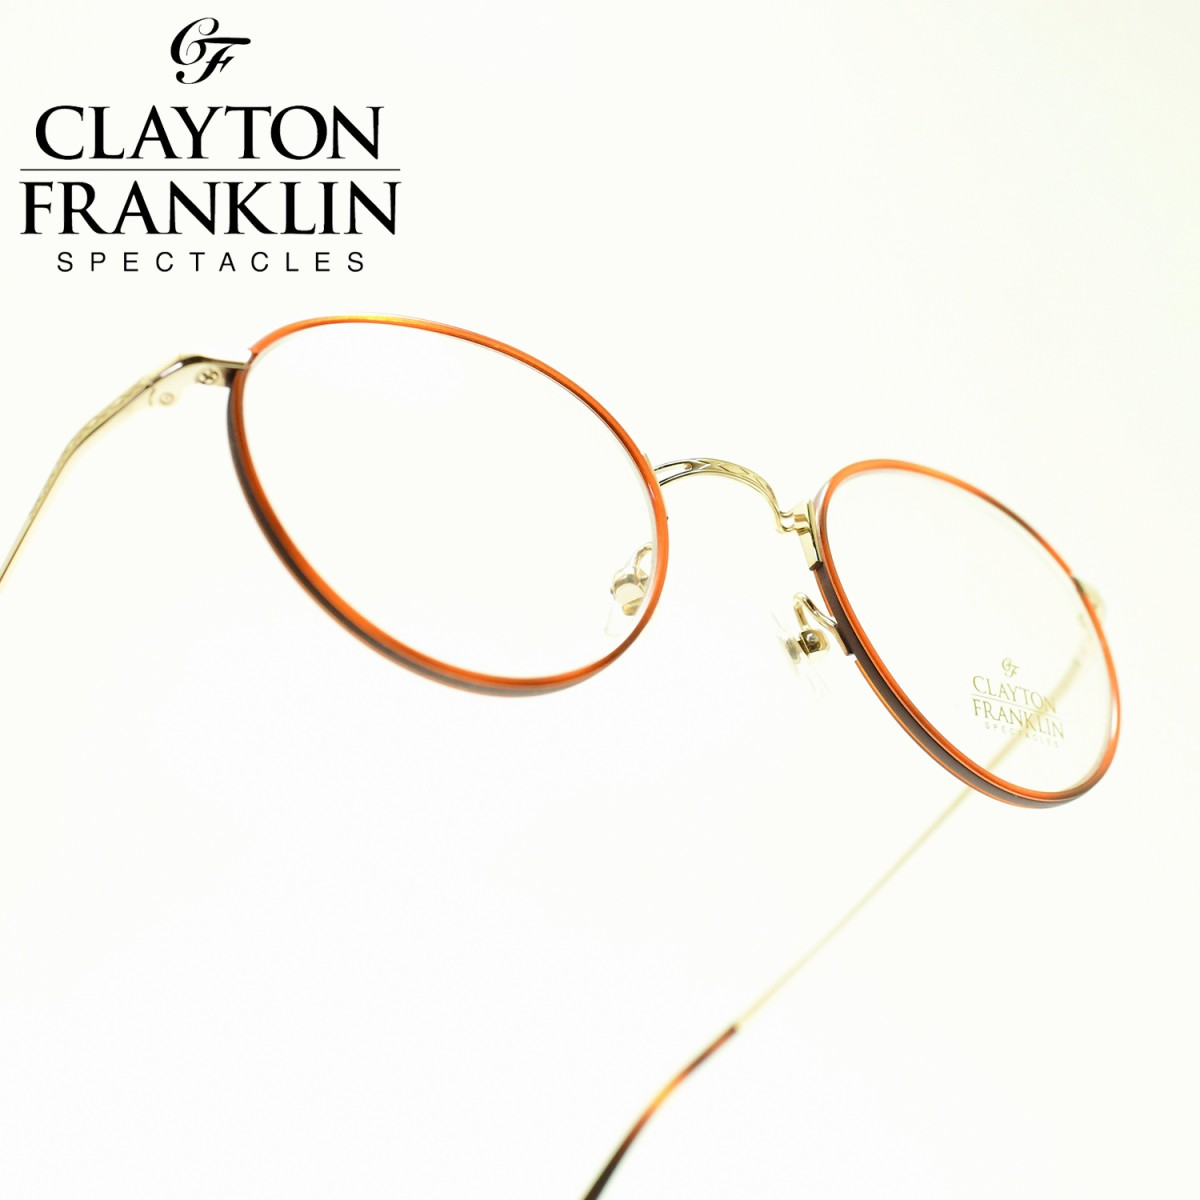 CLAYTON FRANKLIN クレイトンフランクリン635 GP(ゴールド/デモレンズ)メガネ 眼鏡 めがね メンズ レディース おしゃれブランド 人気 おすすめ フレーム 流行り 度付き レンズ